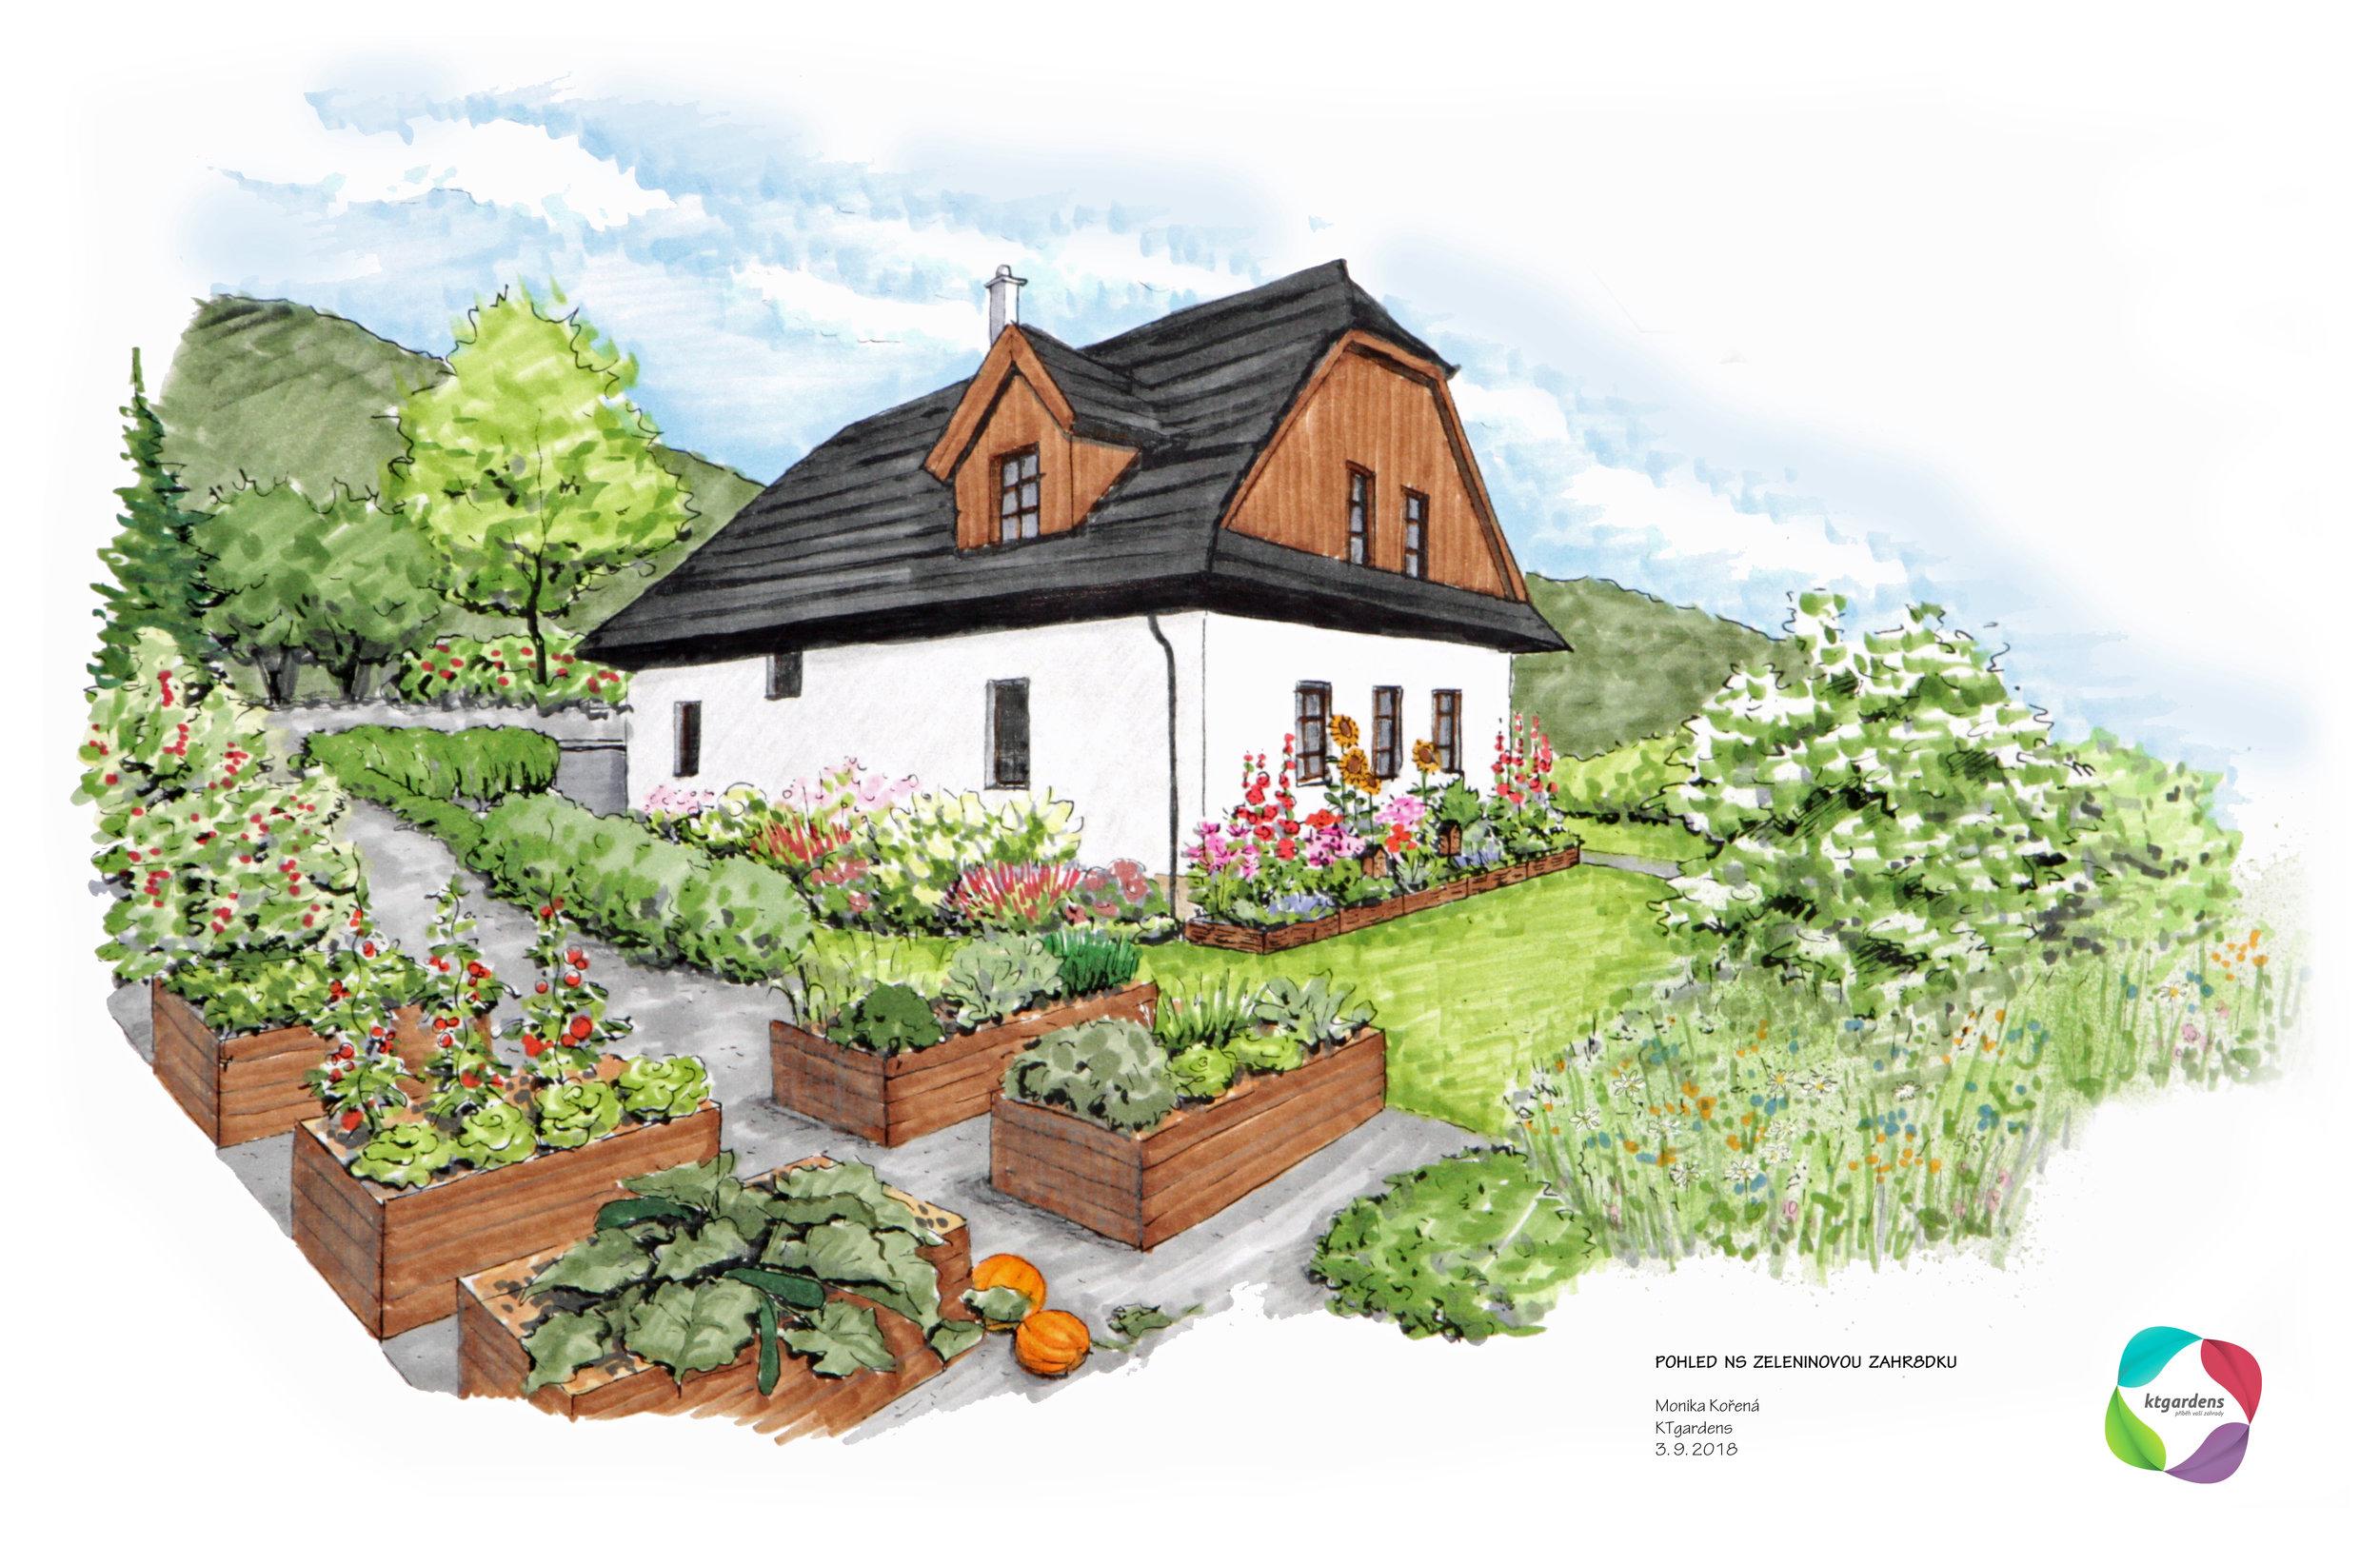 Návrh zahrady ve Vyšních Lhotách, venkovská zahrada, přírodní zahrada, rodinná zahrada, zeleninová zahrada, KTgardens